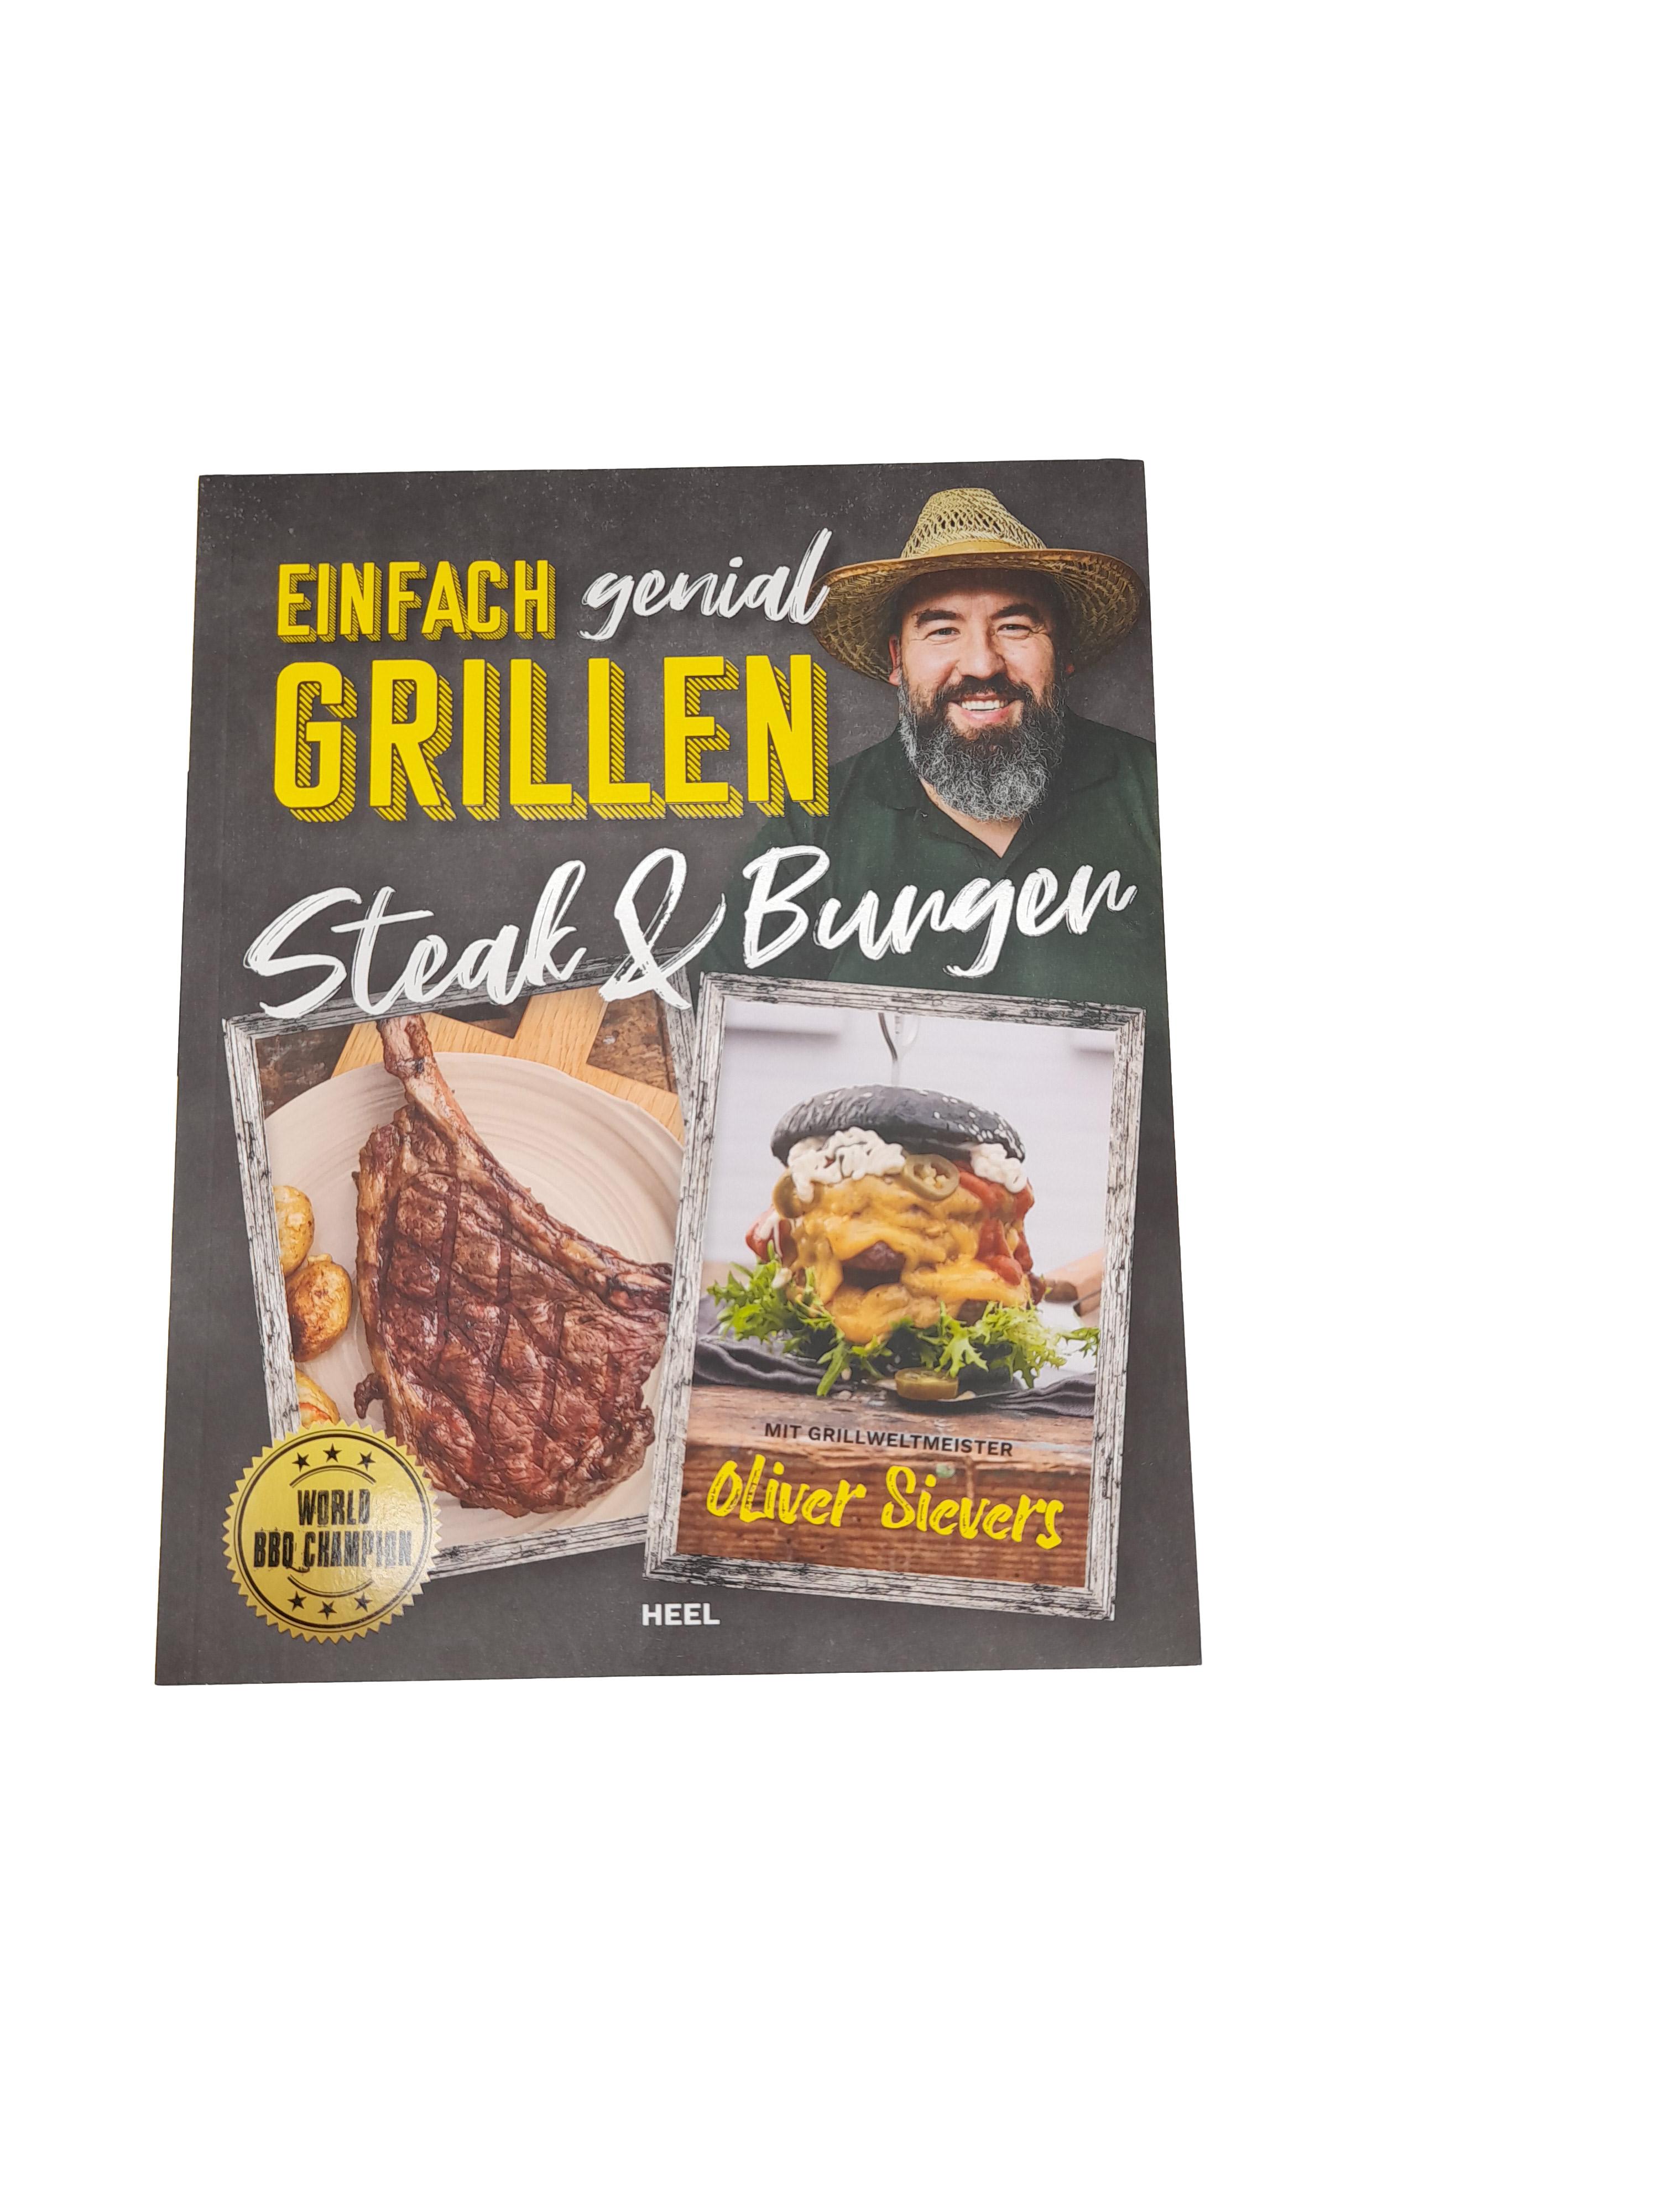 Einfach genial grillen - Steak & Burger